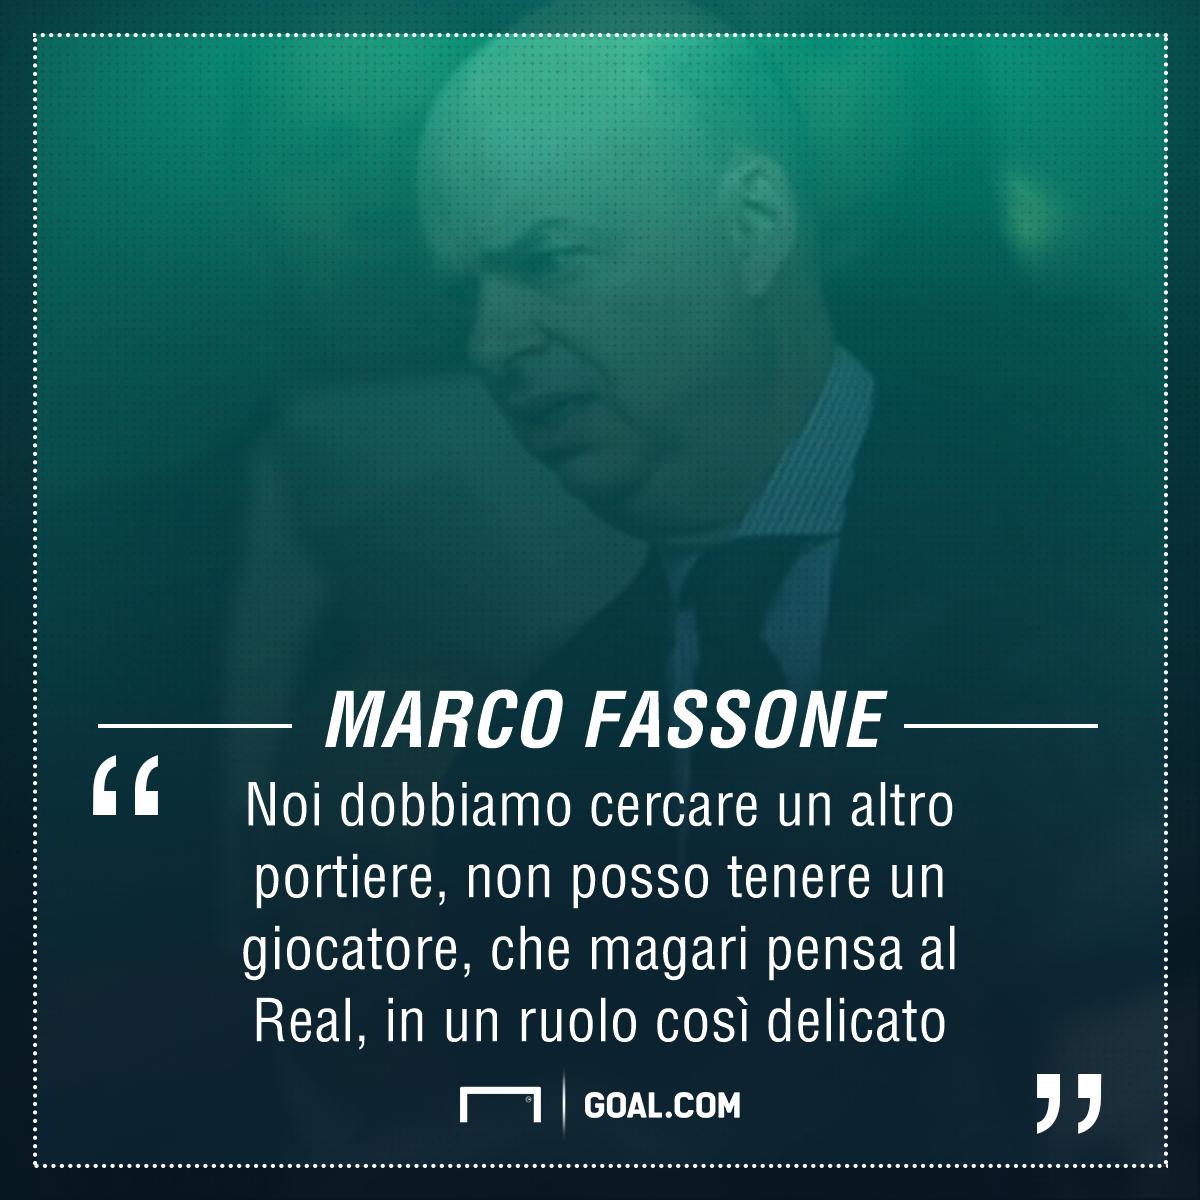 Donnarumma contestato da alcuni tifosi del Milan con un curioso fuori programma